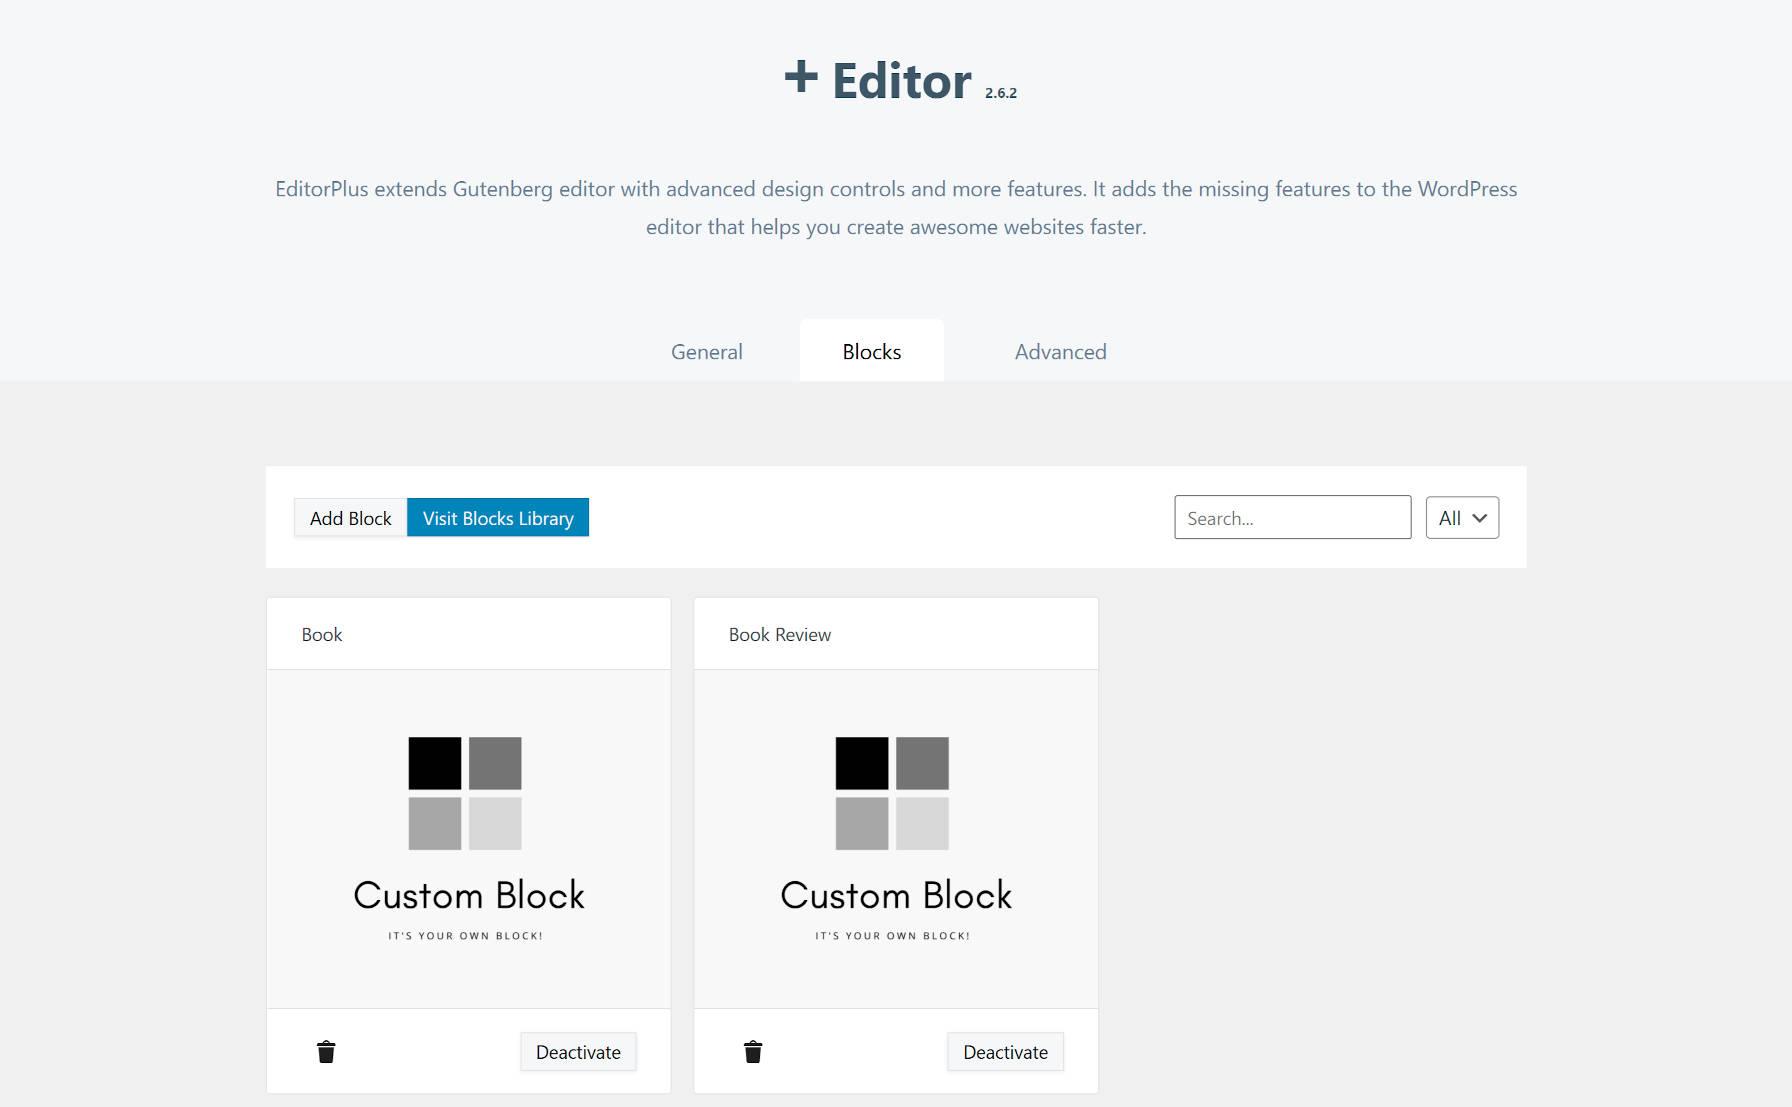 Fonctionnalité de bloc personnalisé Editor Plus dans la version 2.6.2.